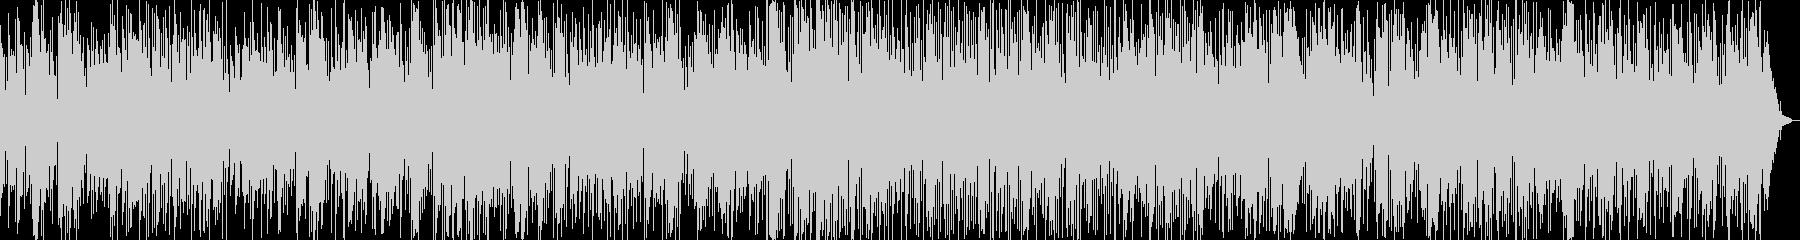 トランペットのゆったりジャズバラードの未再生の波形